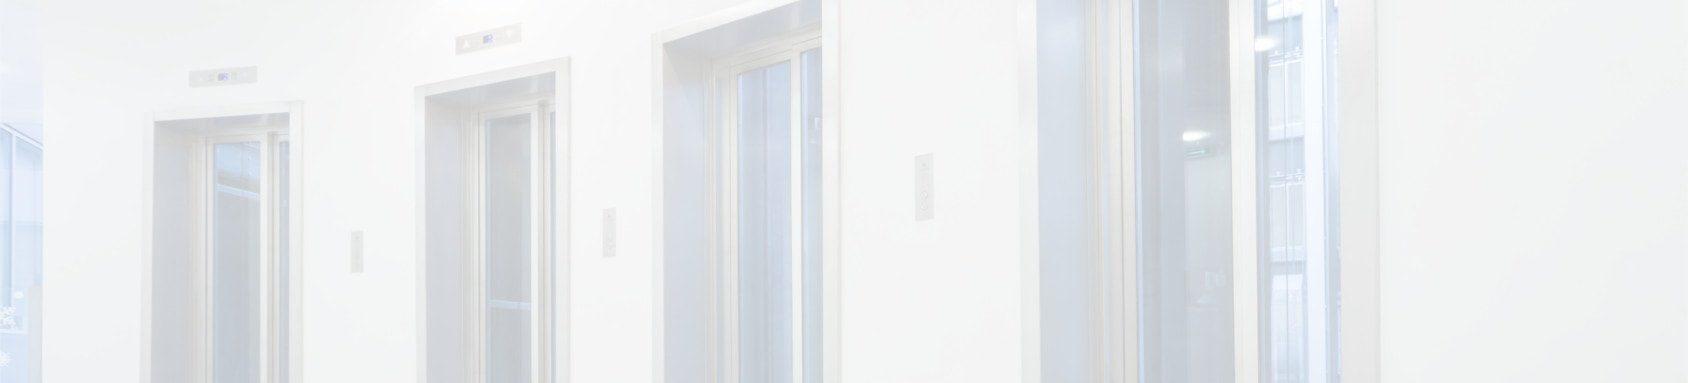 Bureau de contrôle spécialisé en Ascenseur